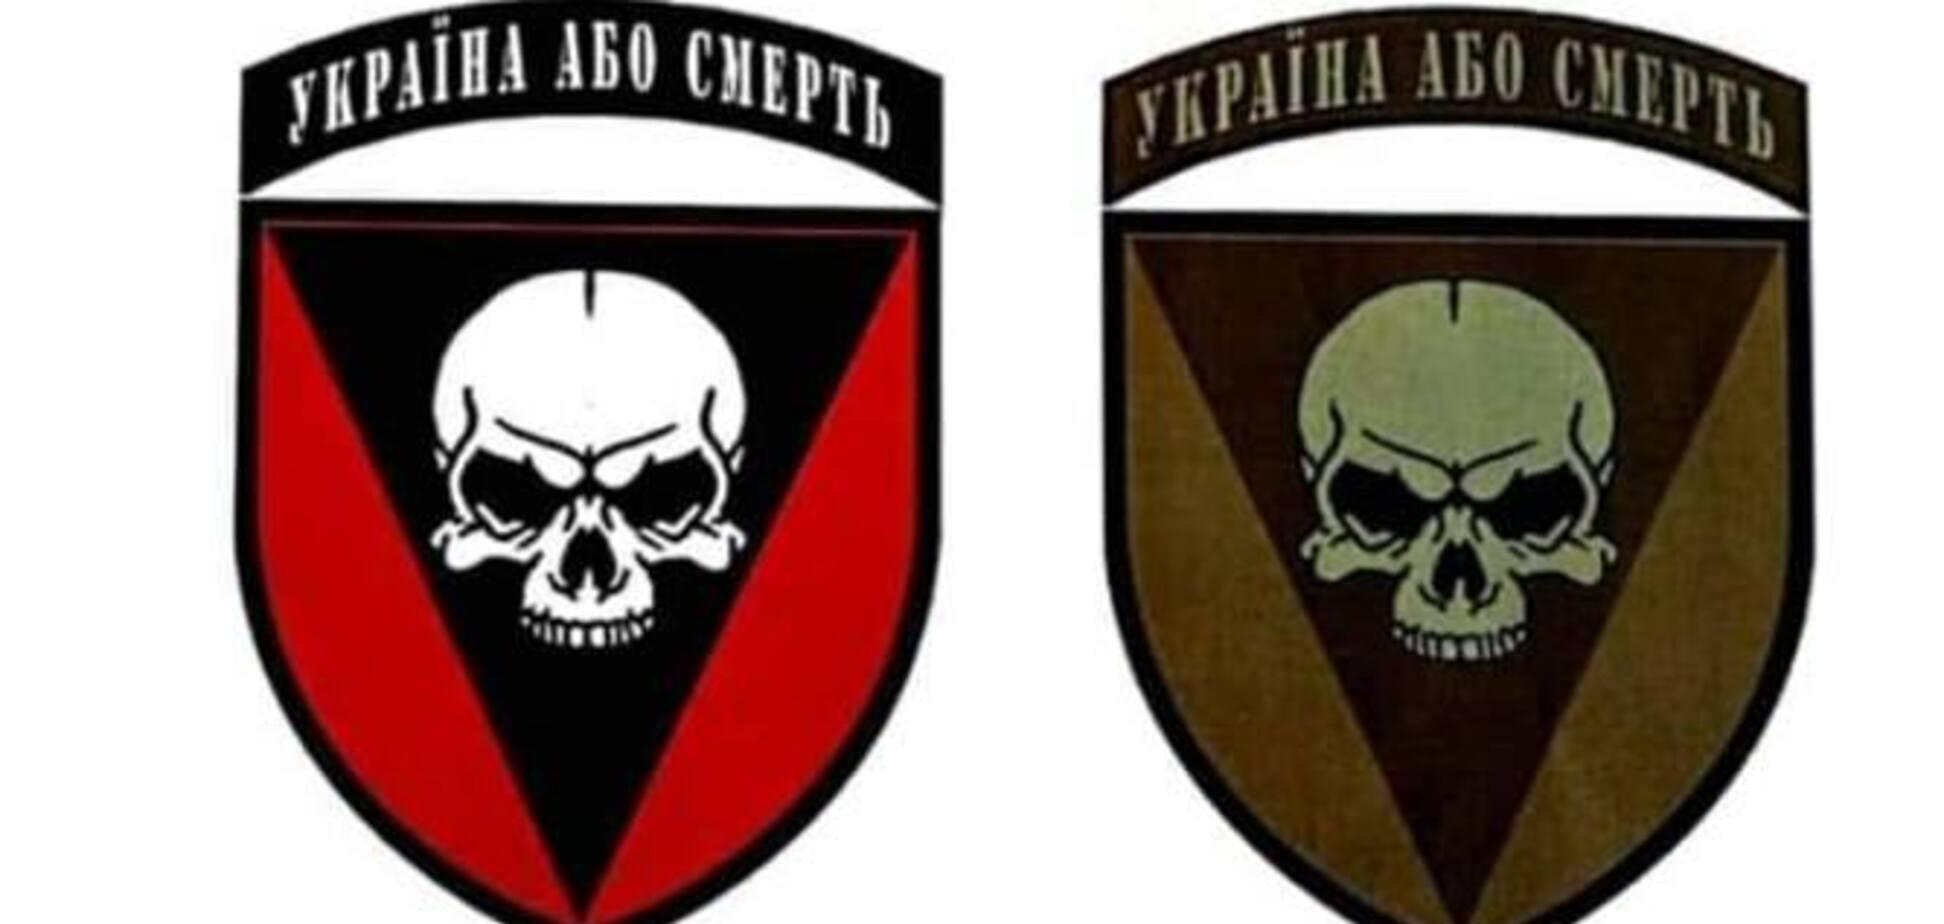 'Украина или смерть': новая официальная символика боевых бригад ВСУ вызвала восторг в сети